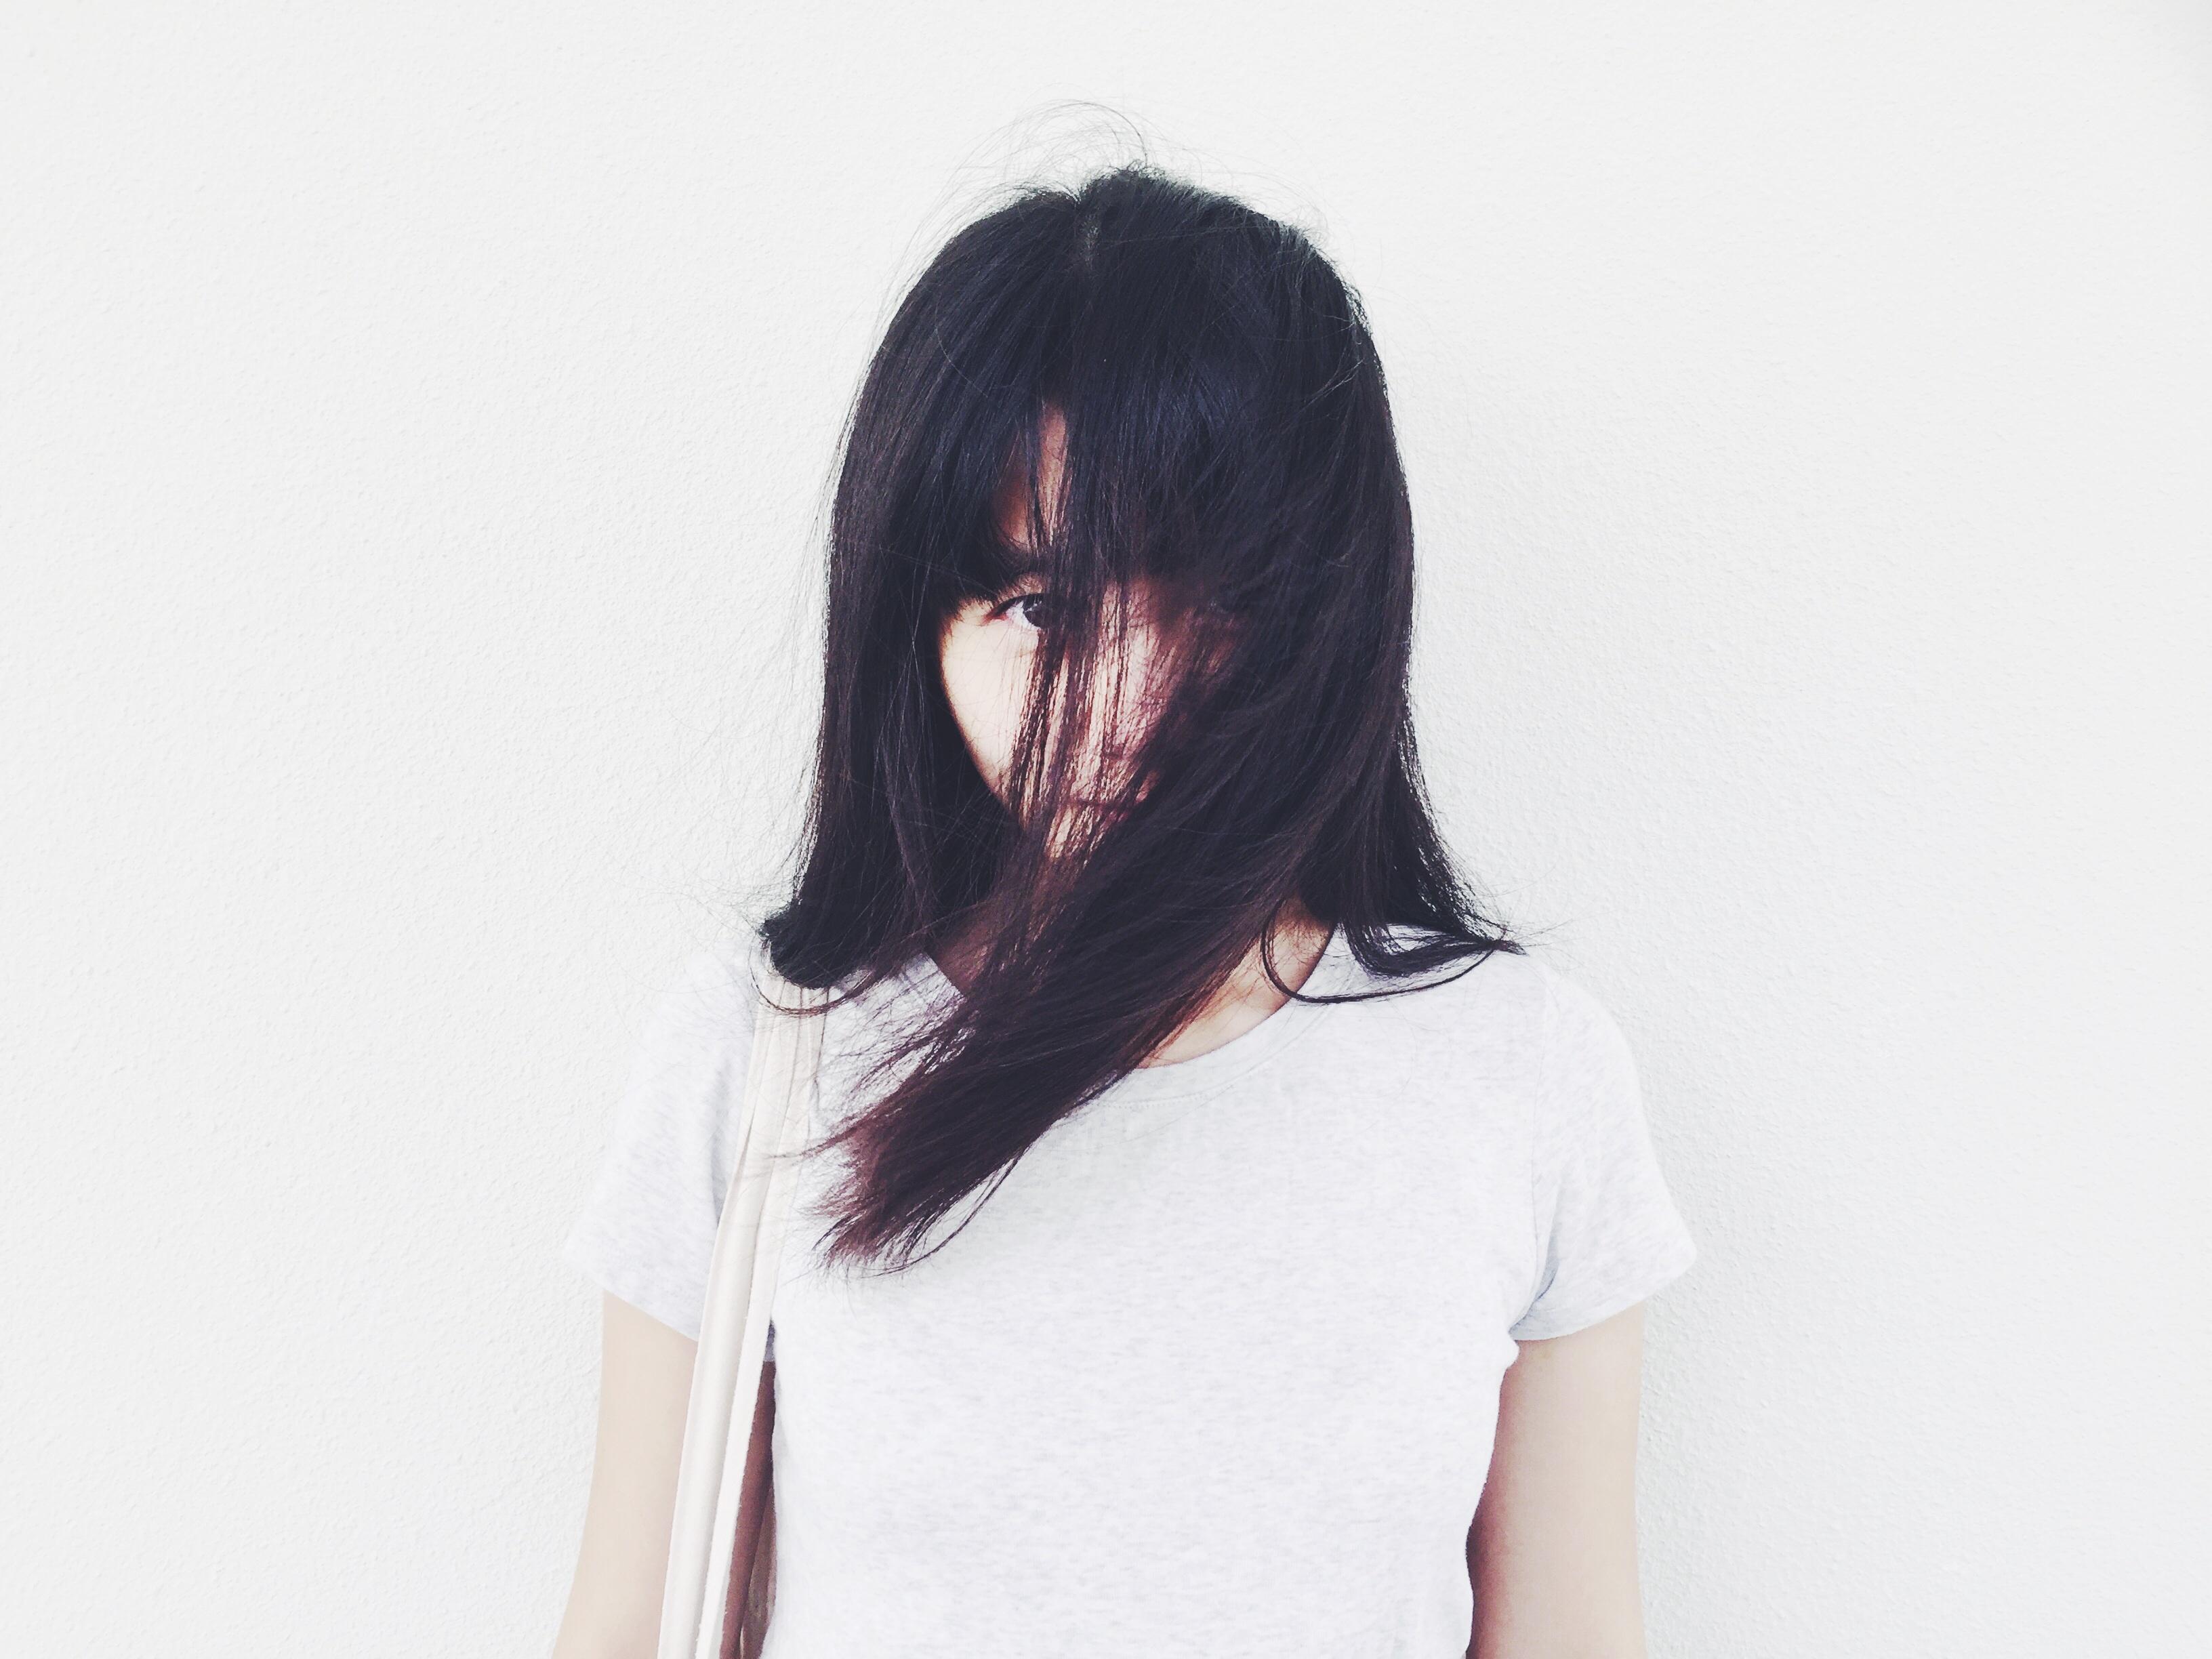 Tangan rambut putih potret pakaian berwarna merah muda hairstyle rambut panjang tubuh manusia rambut hitam sketsa